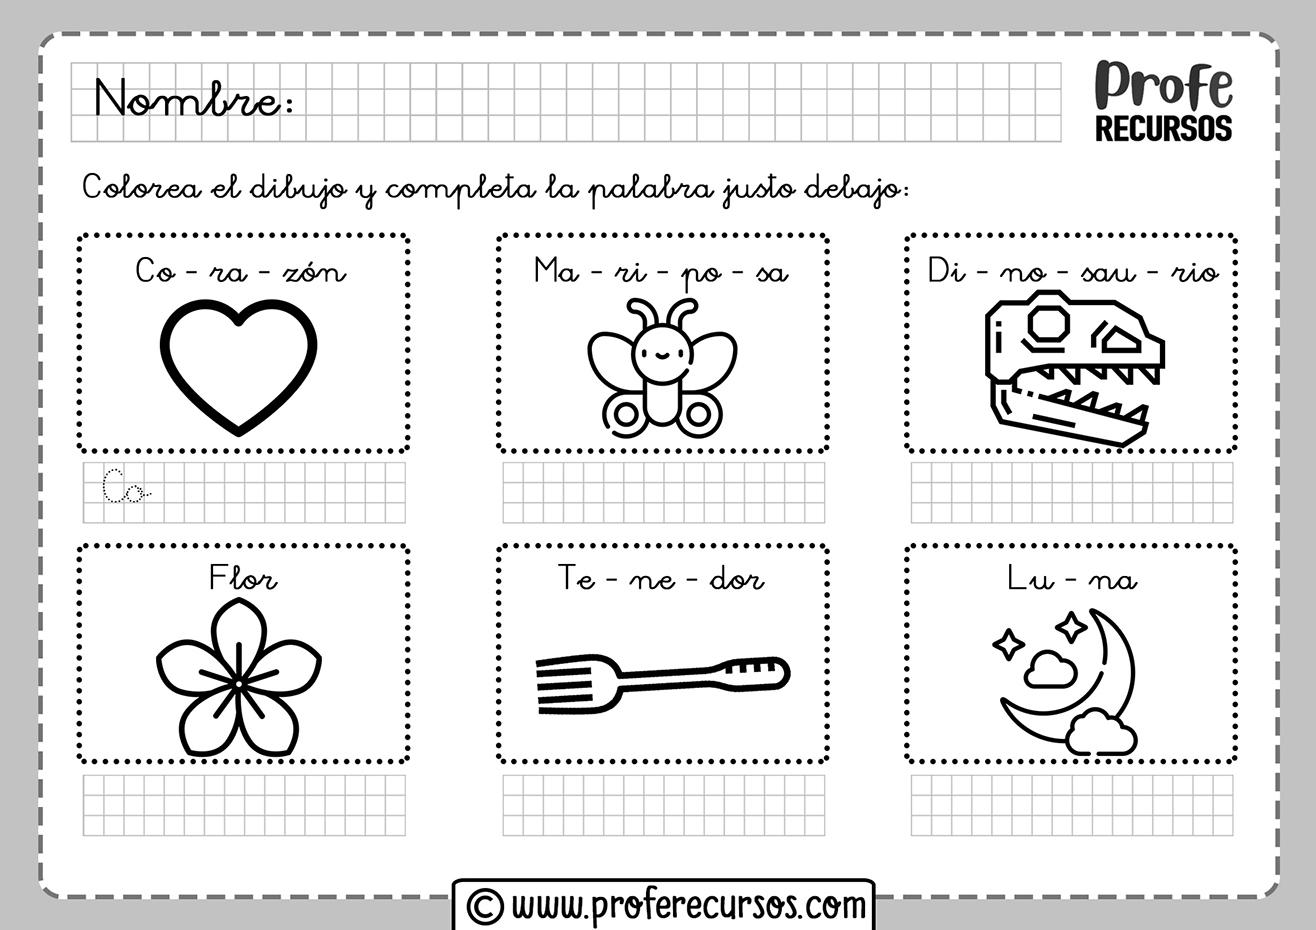 Fichas para niños para trabajar las silabas